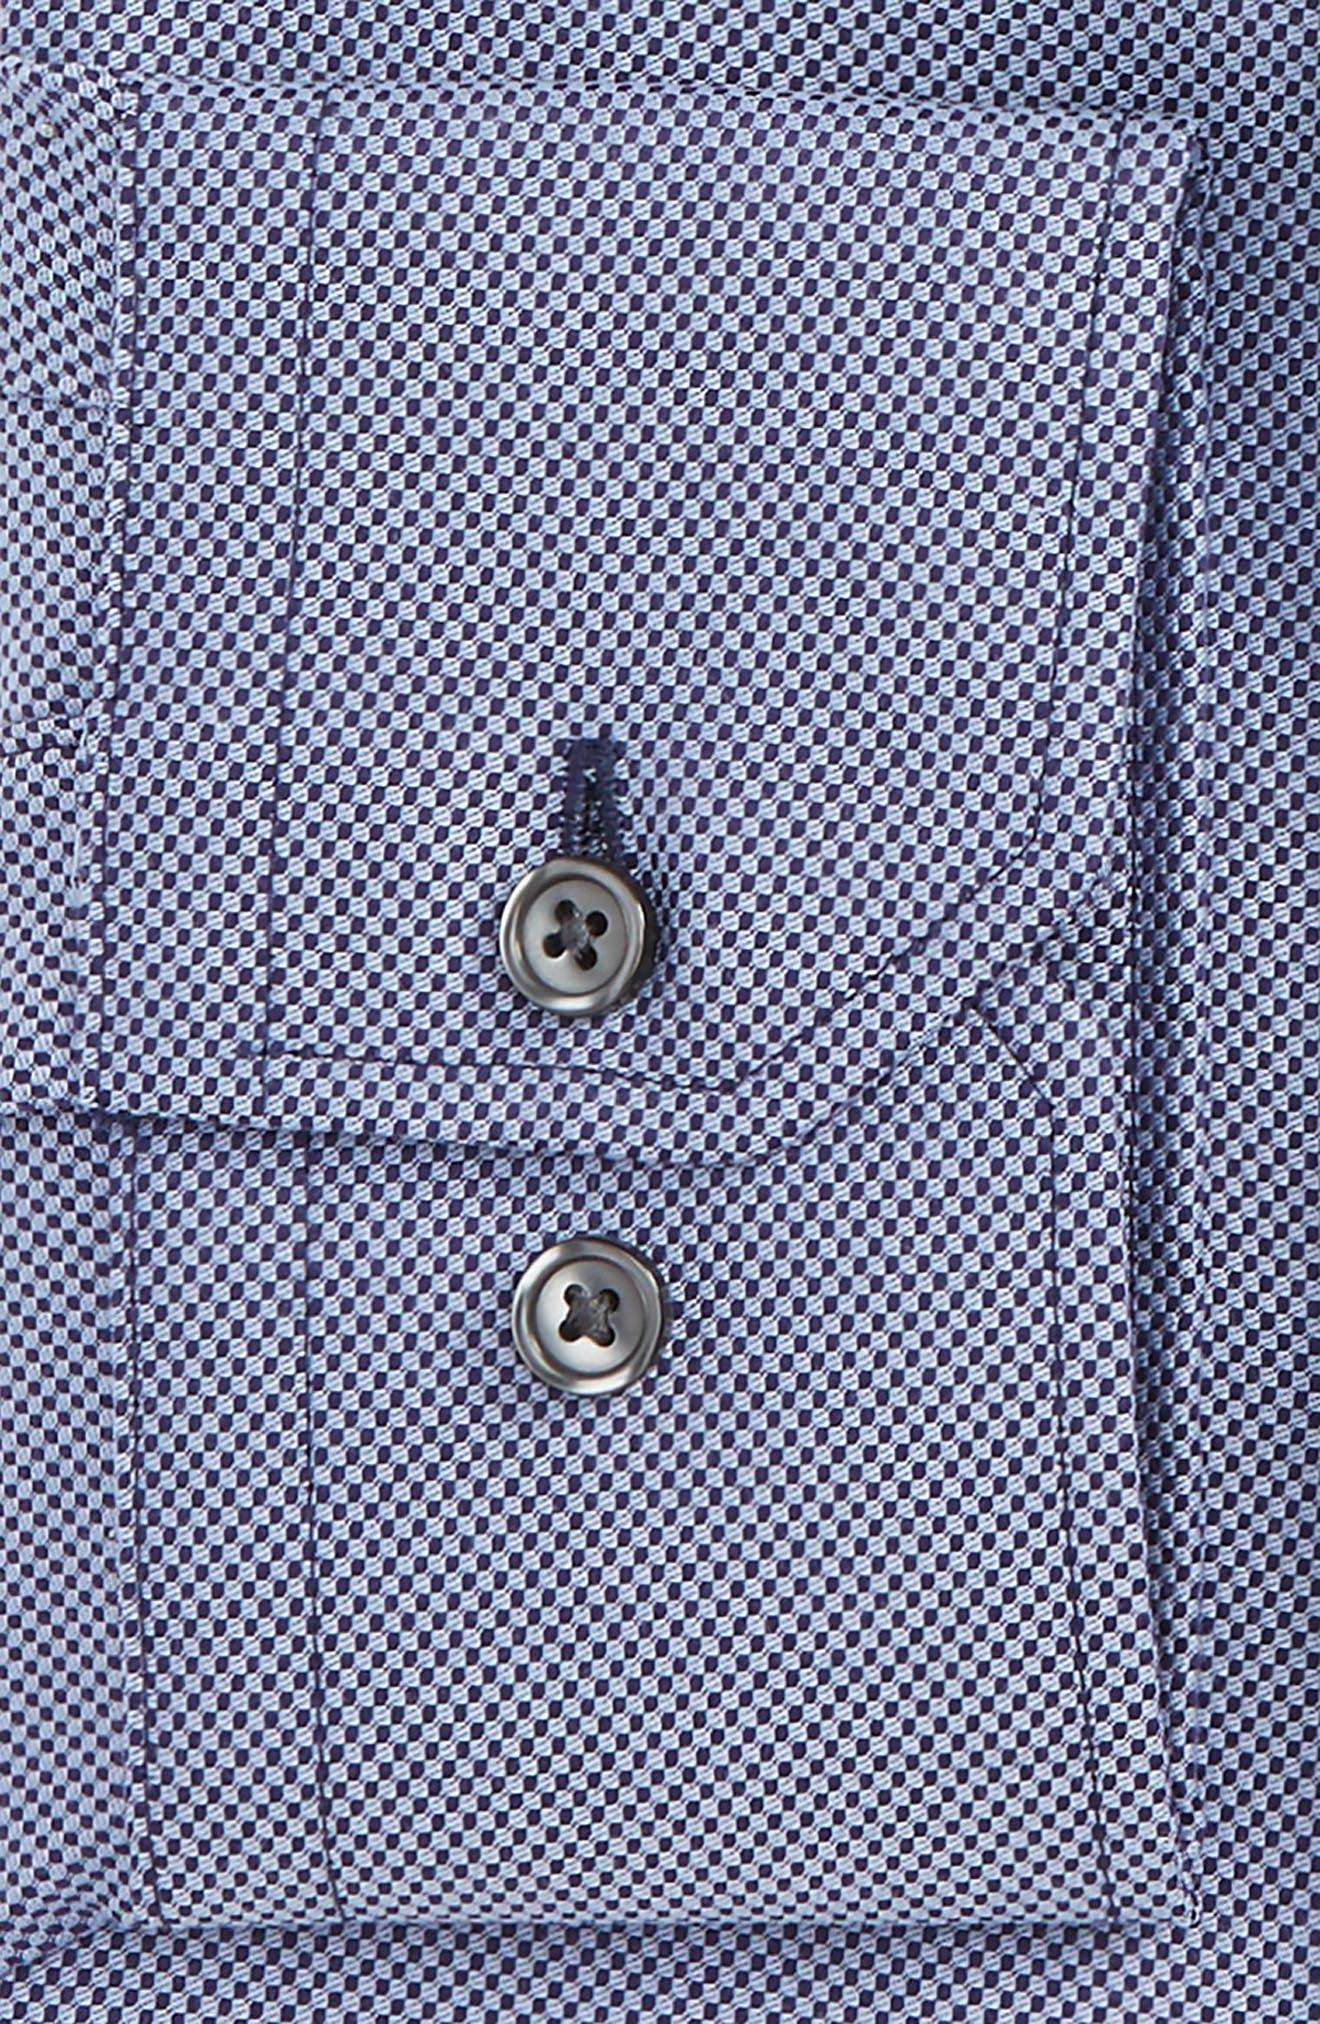 Trim Fit Dress Shirt,                             Alternate thumbnail 2, color,                             420